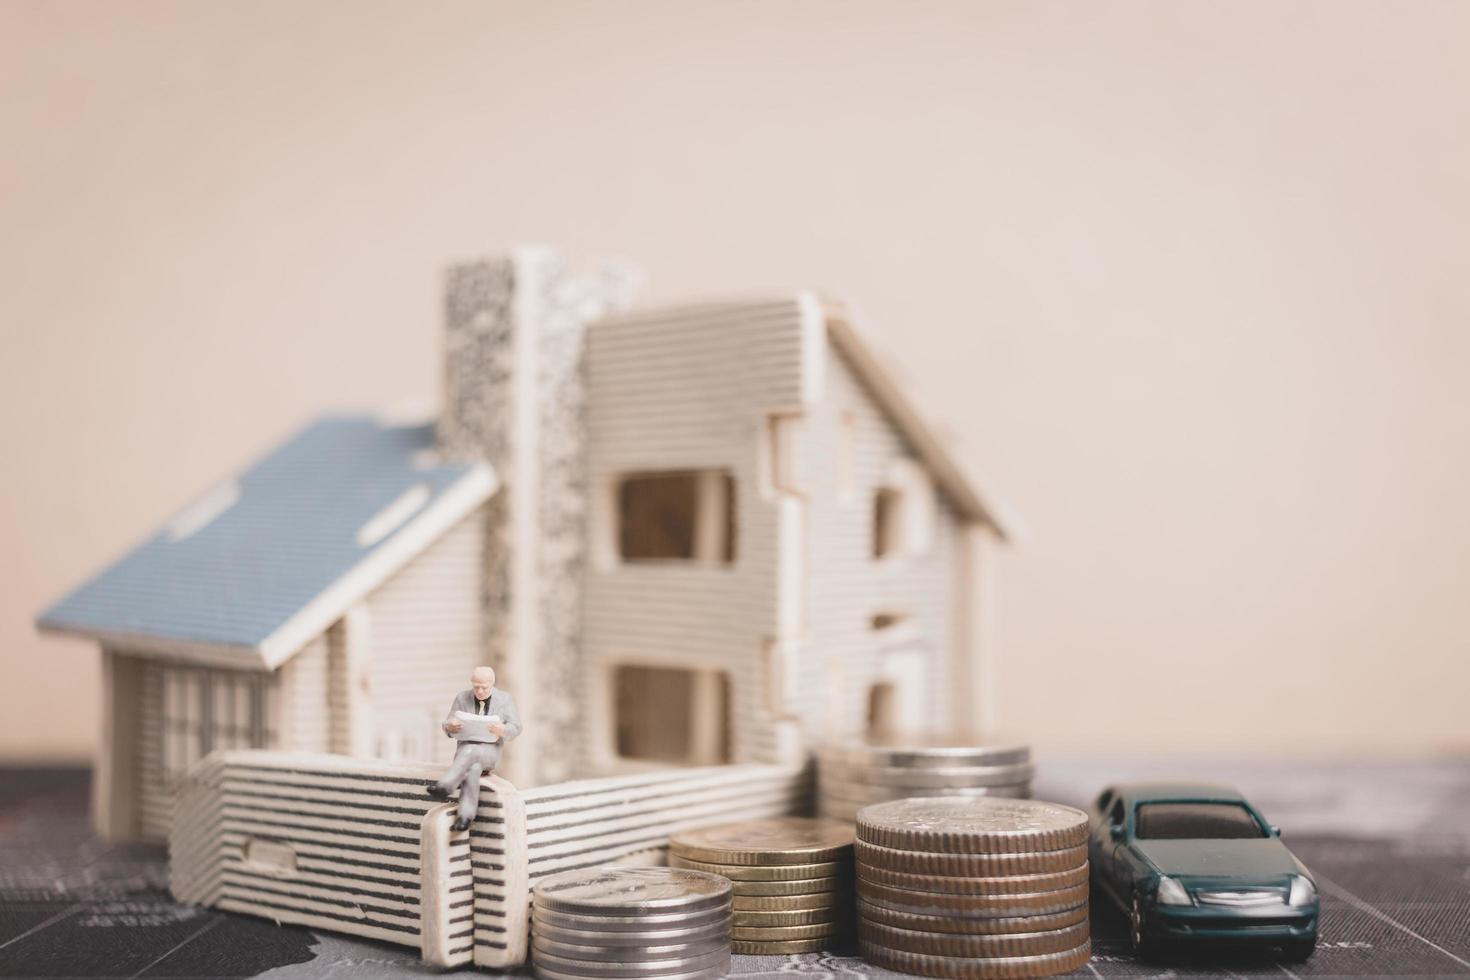 Gente en miniatura sentada con monedas de dinero en casa, inversión y crecimiento en el concepto de negocio foto